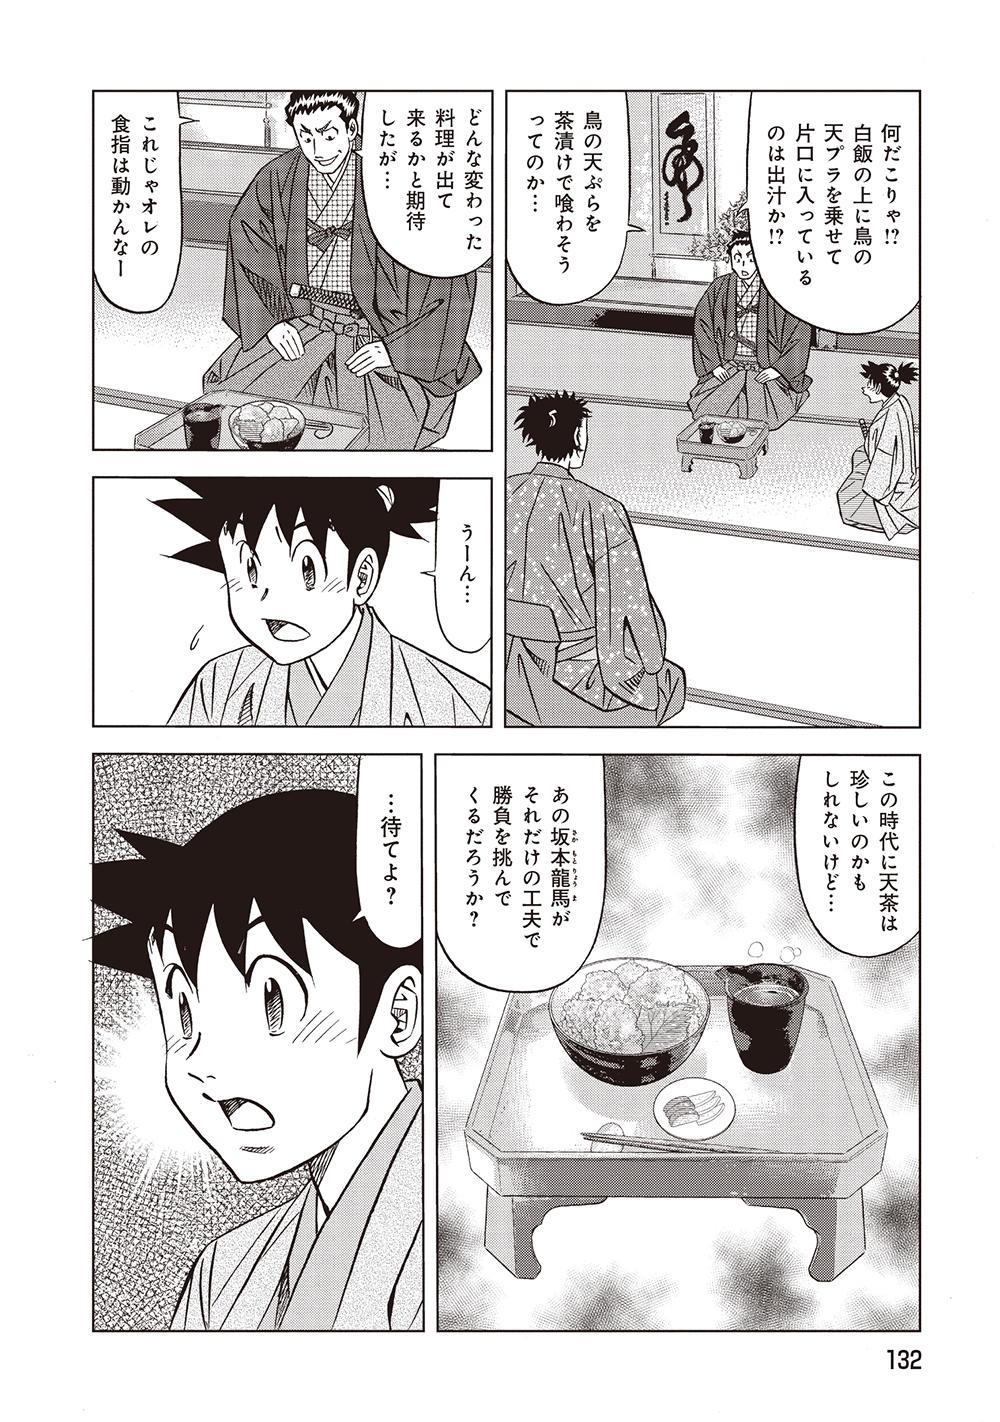 味っ子01_P132.jpg